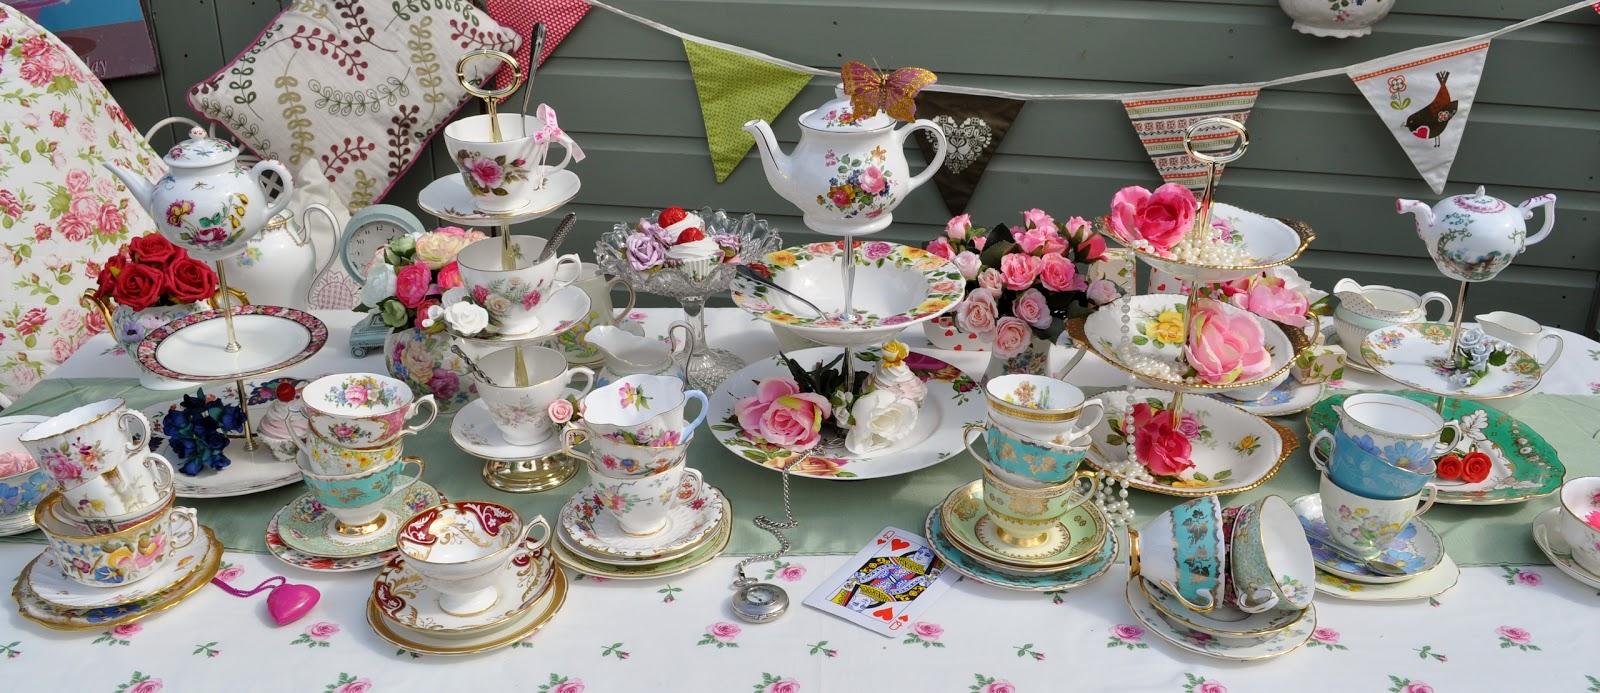 tea party table.jpg